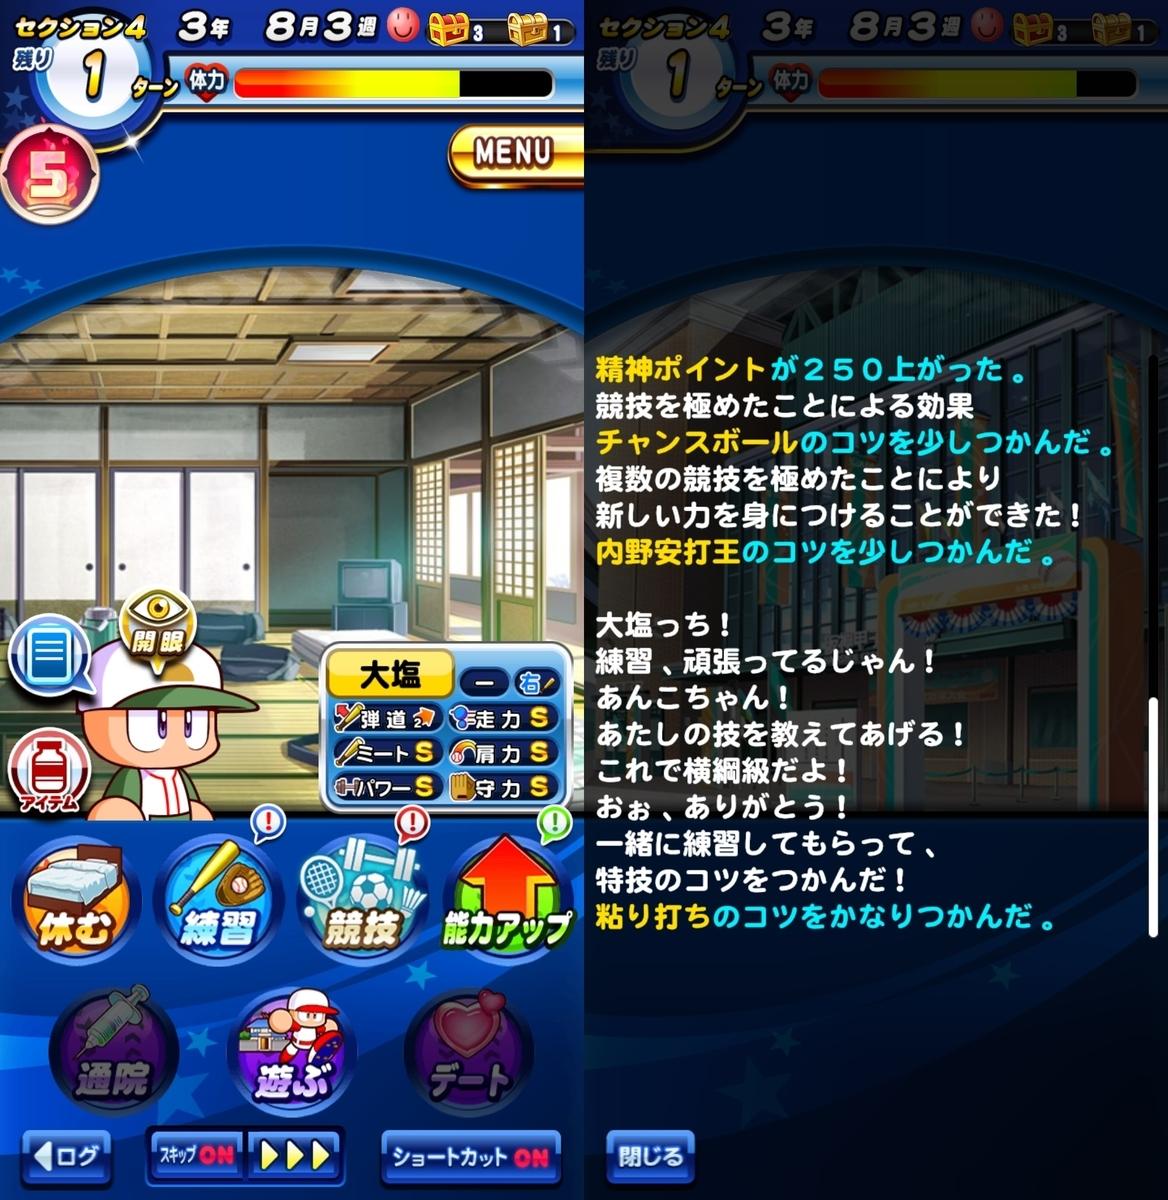 f:id:arimurasaji:20210421220725j:plain